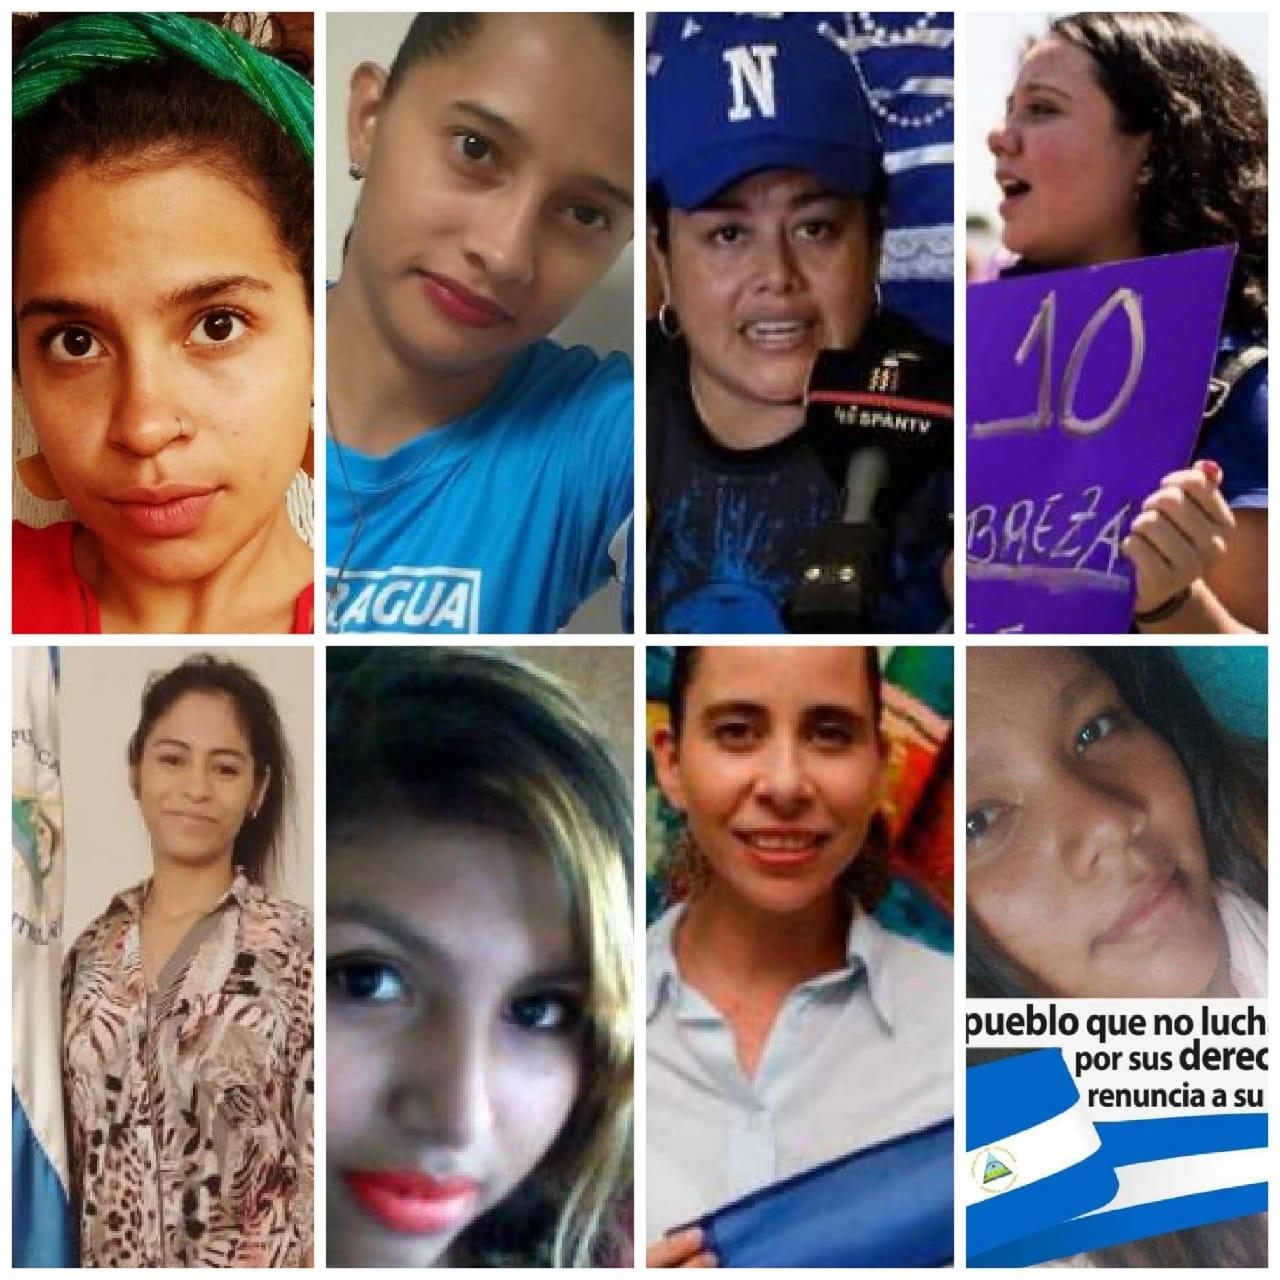 Ocho mujeres están secuestradas por la dictadura de Ortega por ejercer el derecho a protestar